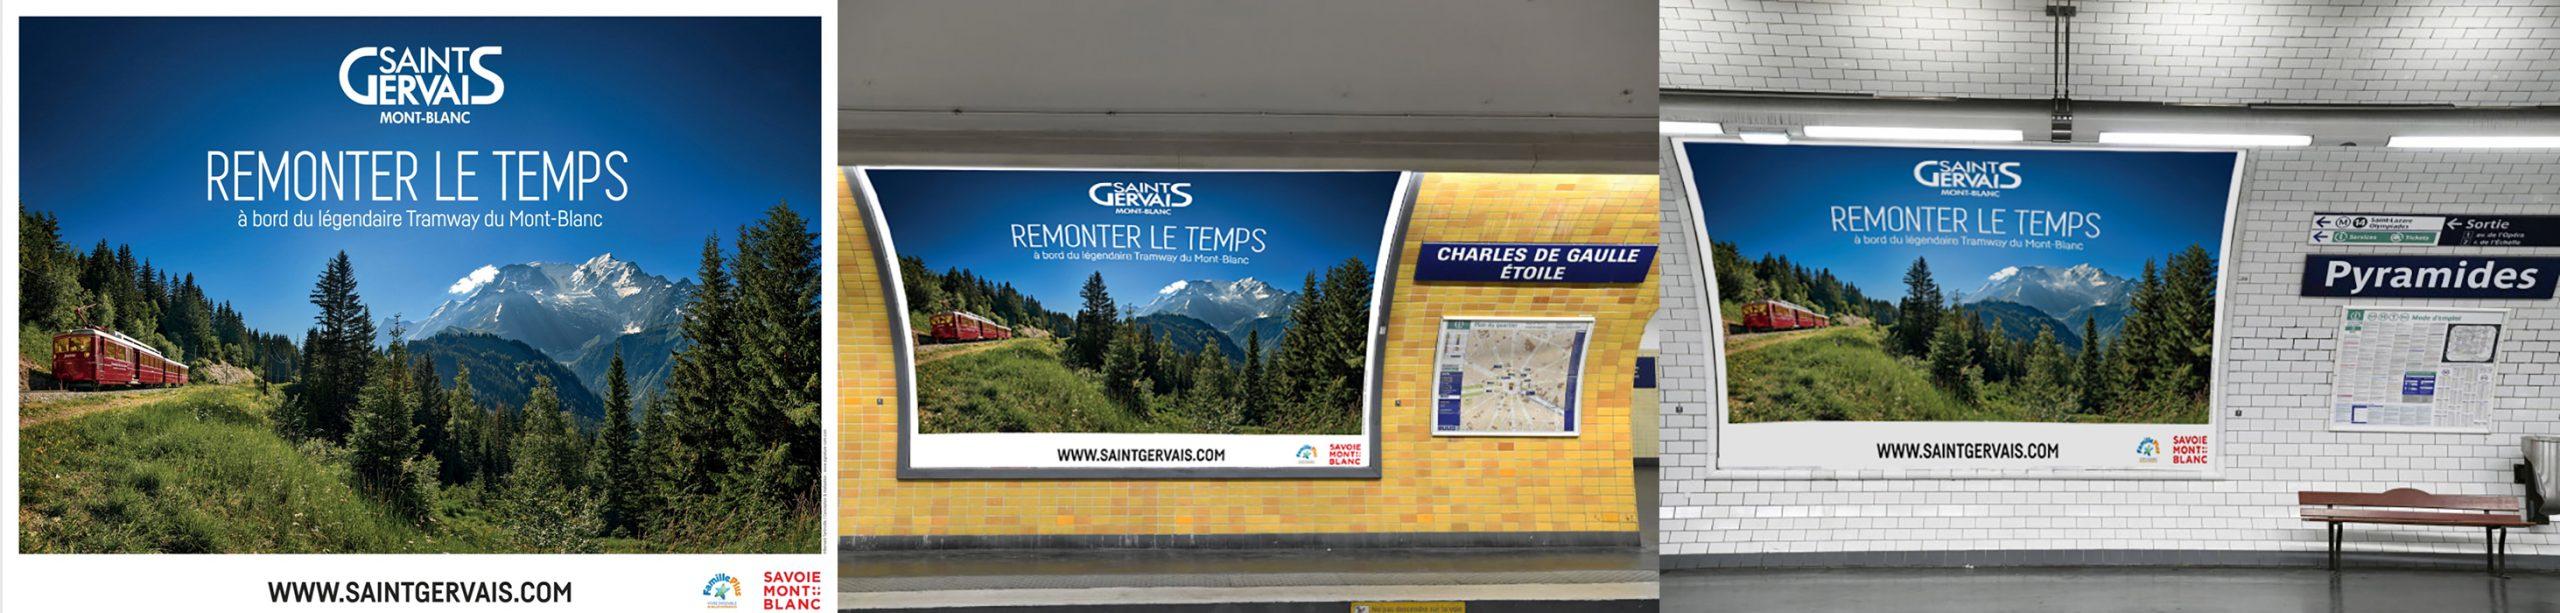 campagne publicitaire touristique 4x3 dans le métro parisien. Possible d'imprimer des documents en haute résolution à partir de photos 360